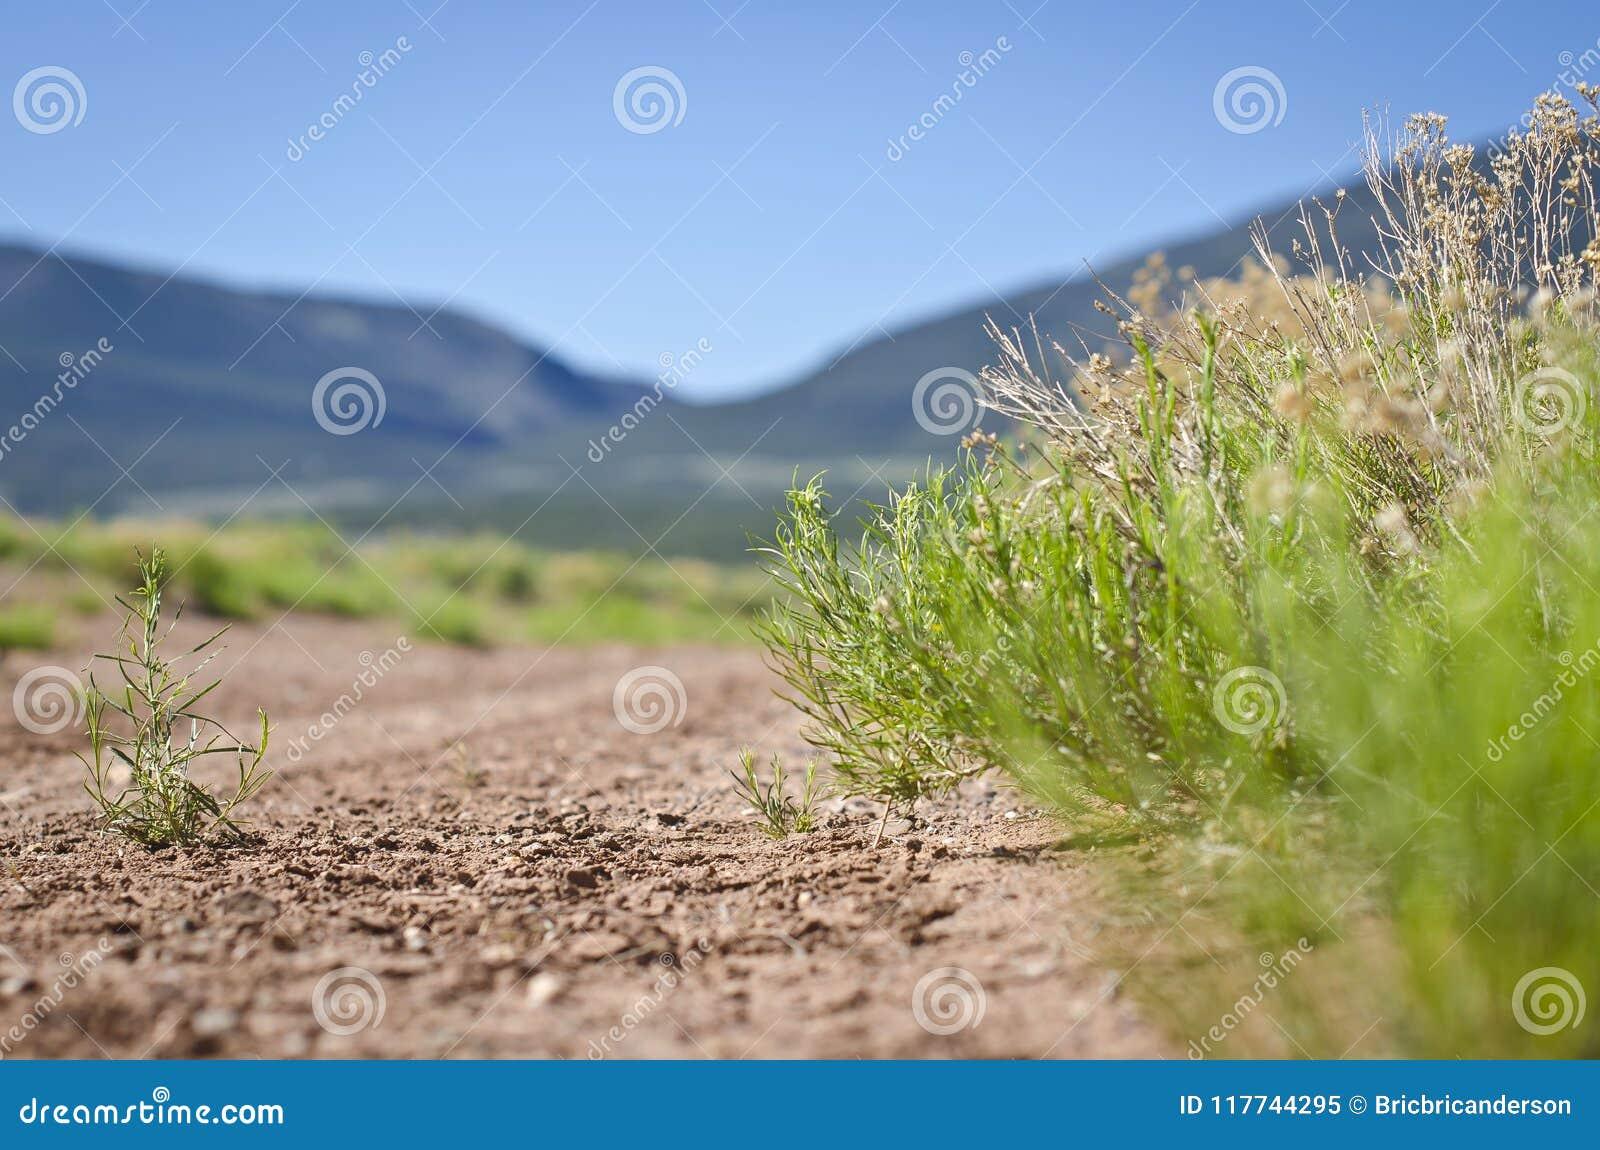 Abajo en la suciedad del camino de tierra